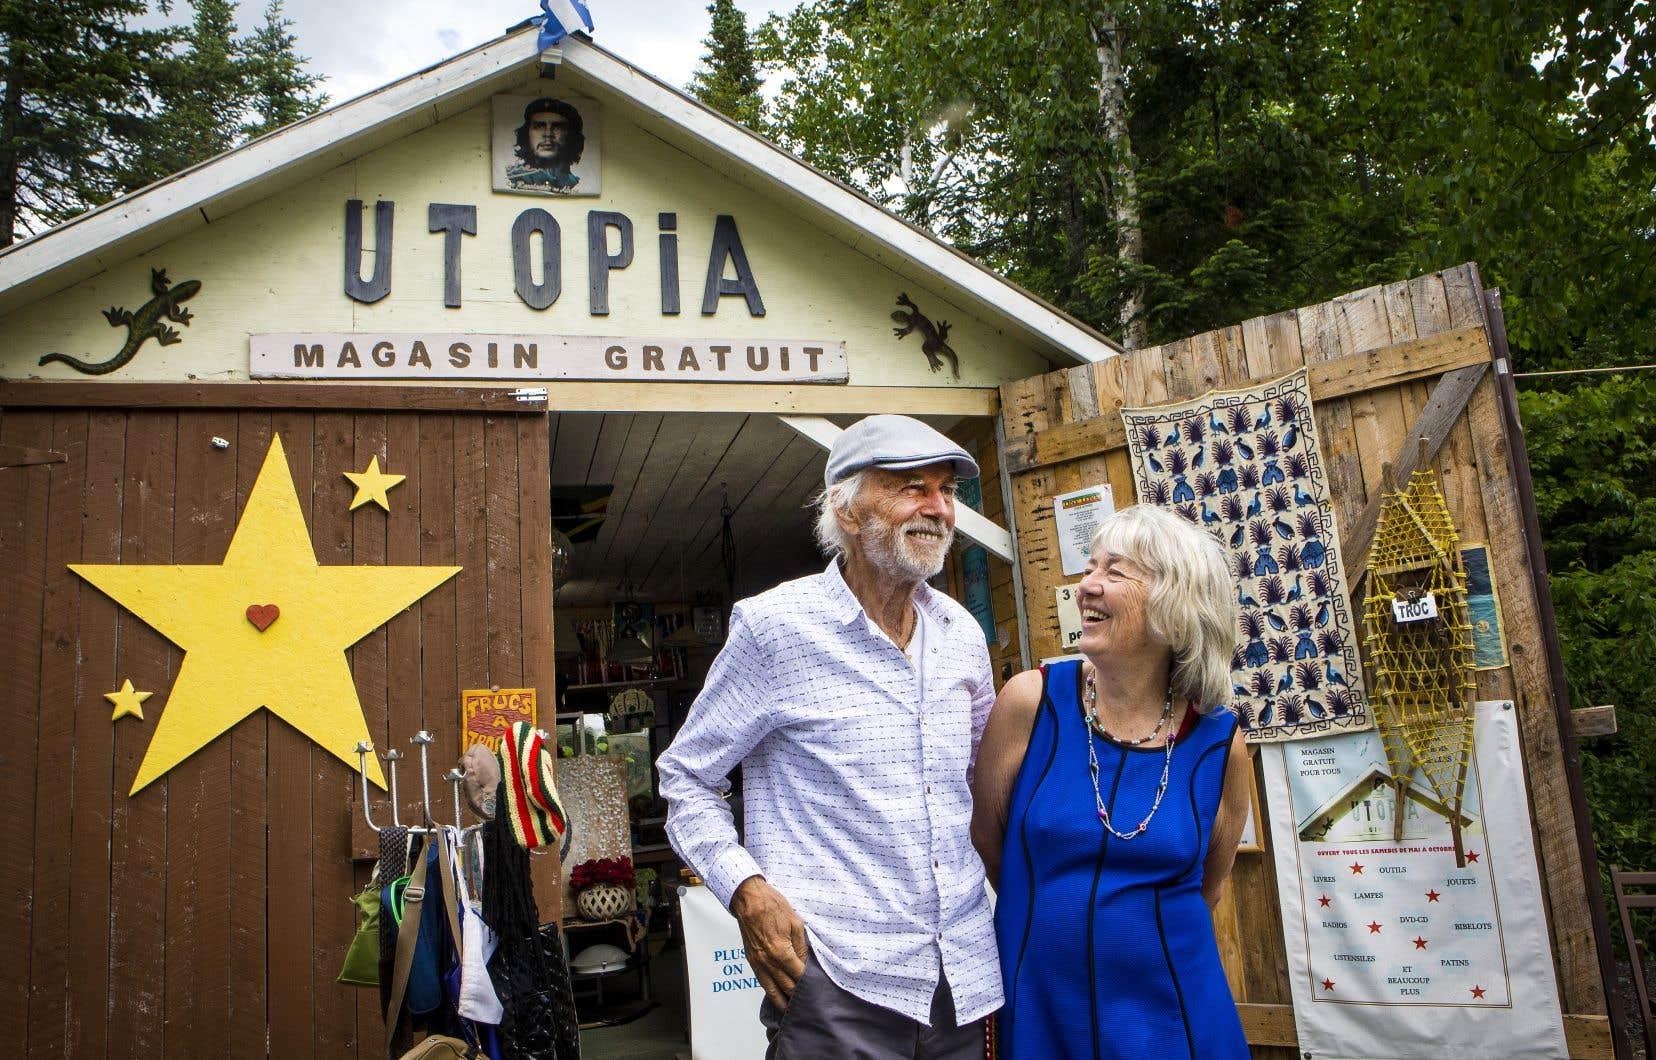 Gilles Beaupré et sa conjointe Lois Devereaux sont propriétaires de la boutique Utopia à Sainte-Cécile-de-Whitton, en Estrie.